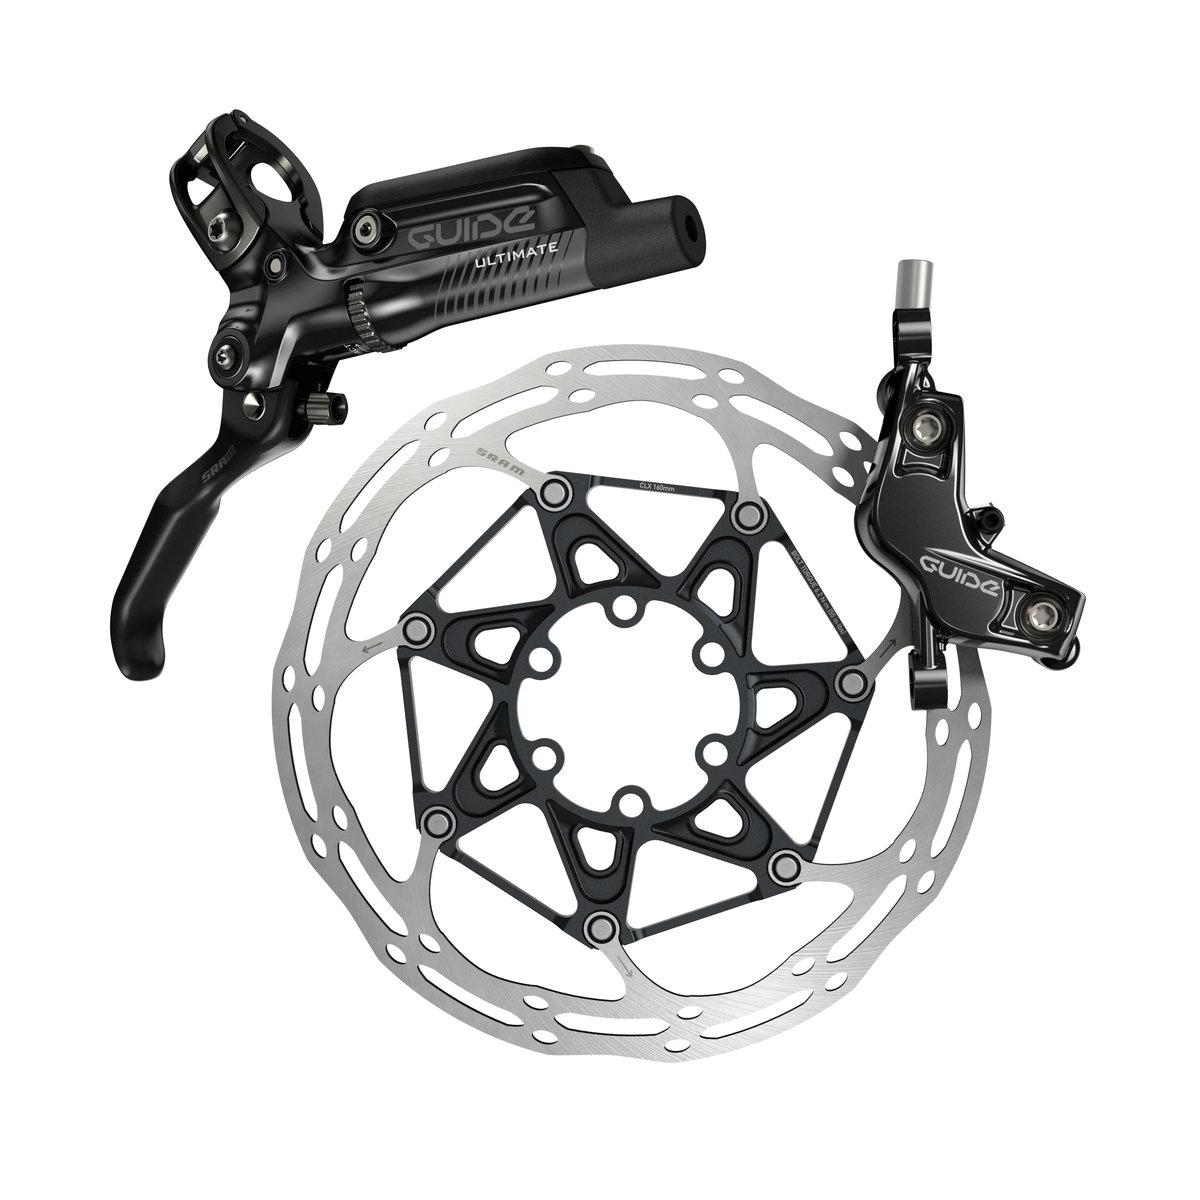 Kotoučová brzda SRAM Guide Ultimate, karb.páčka, Black Ano , zadní - ZKRÁCENO 1560mm, bez kotouče